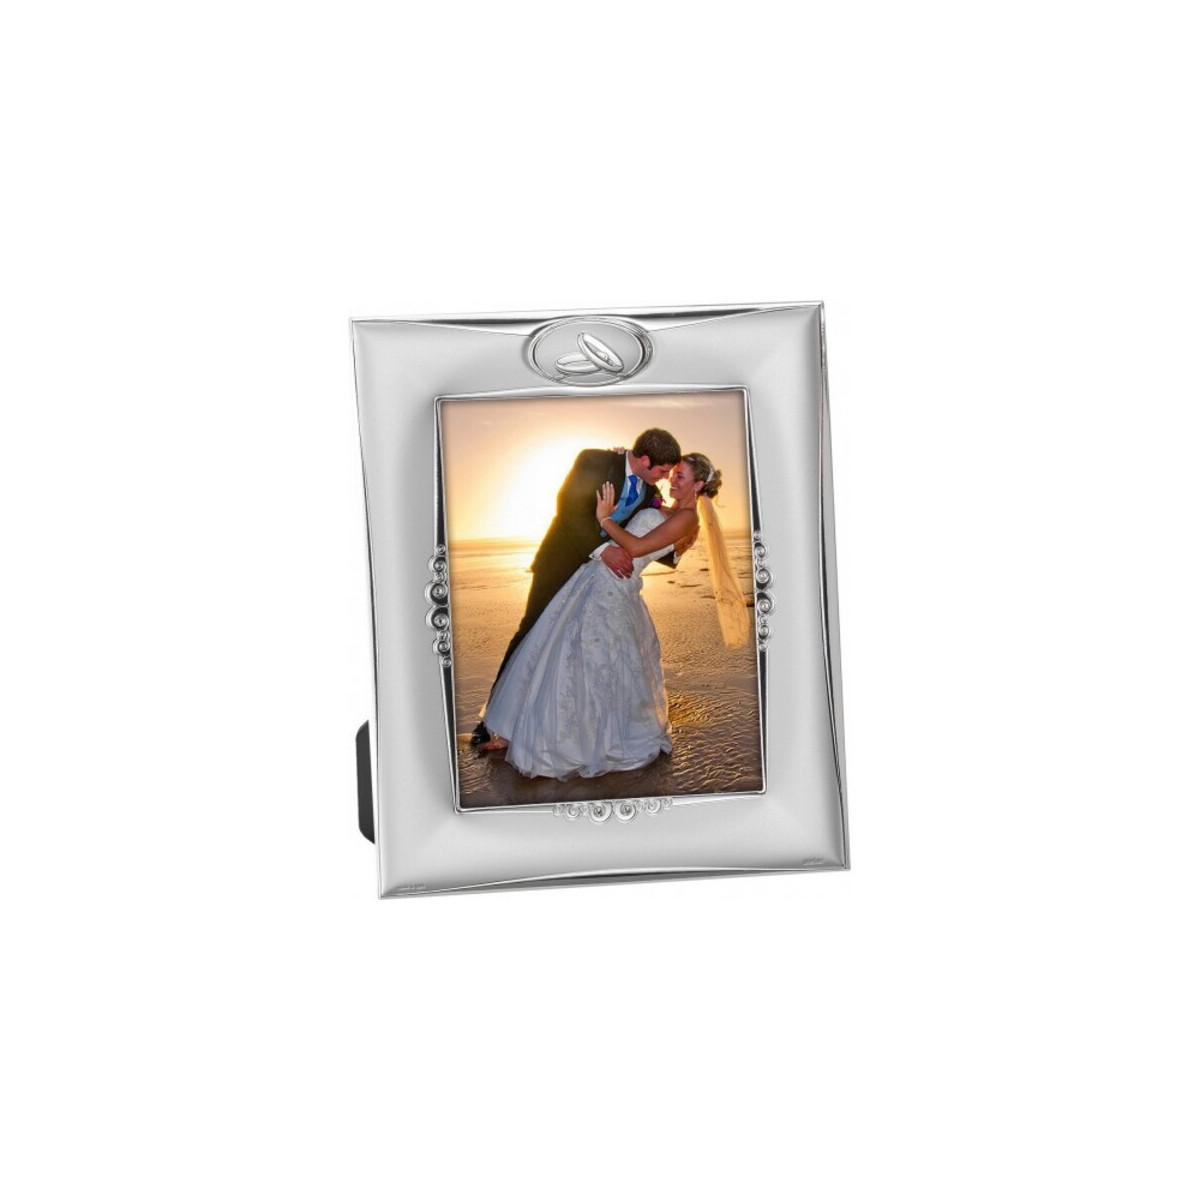 Portafotos Enlace Plata Laminada 13x18 cm